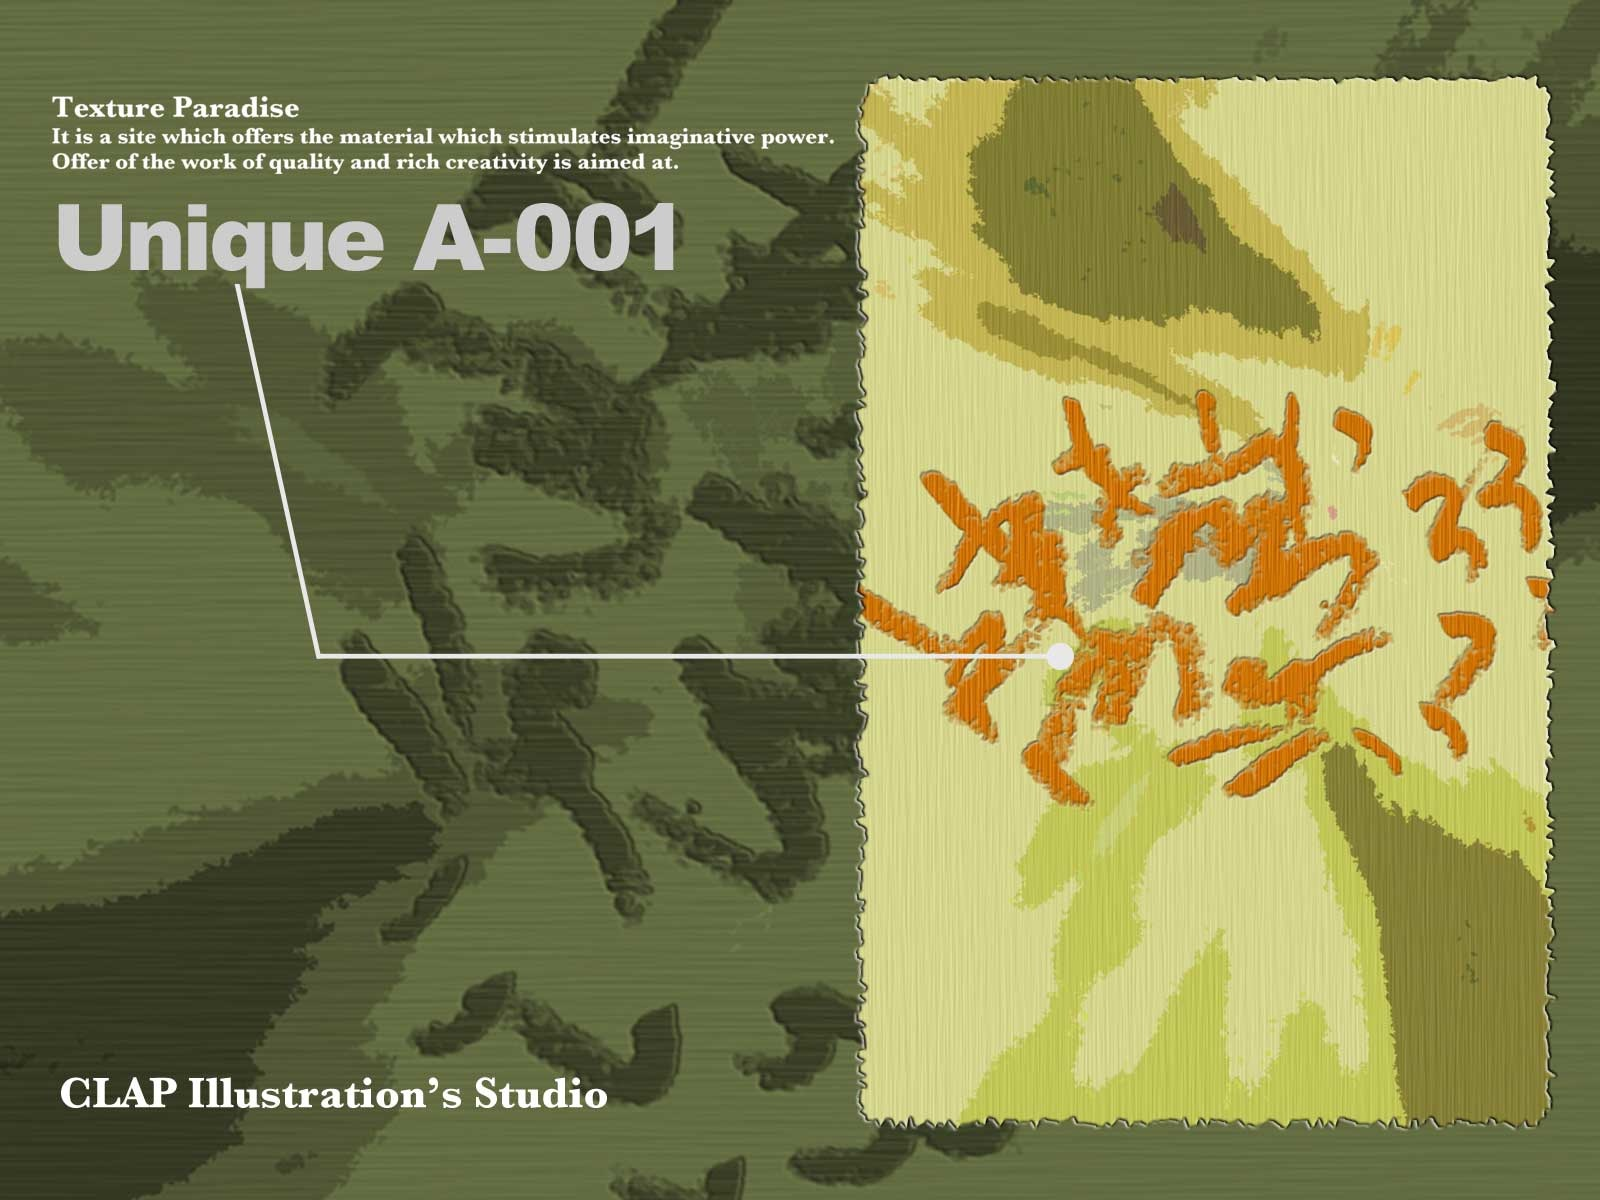 a001_1600x1200.jpg